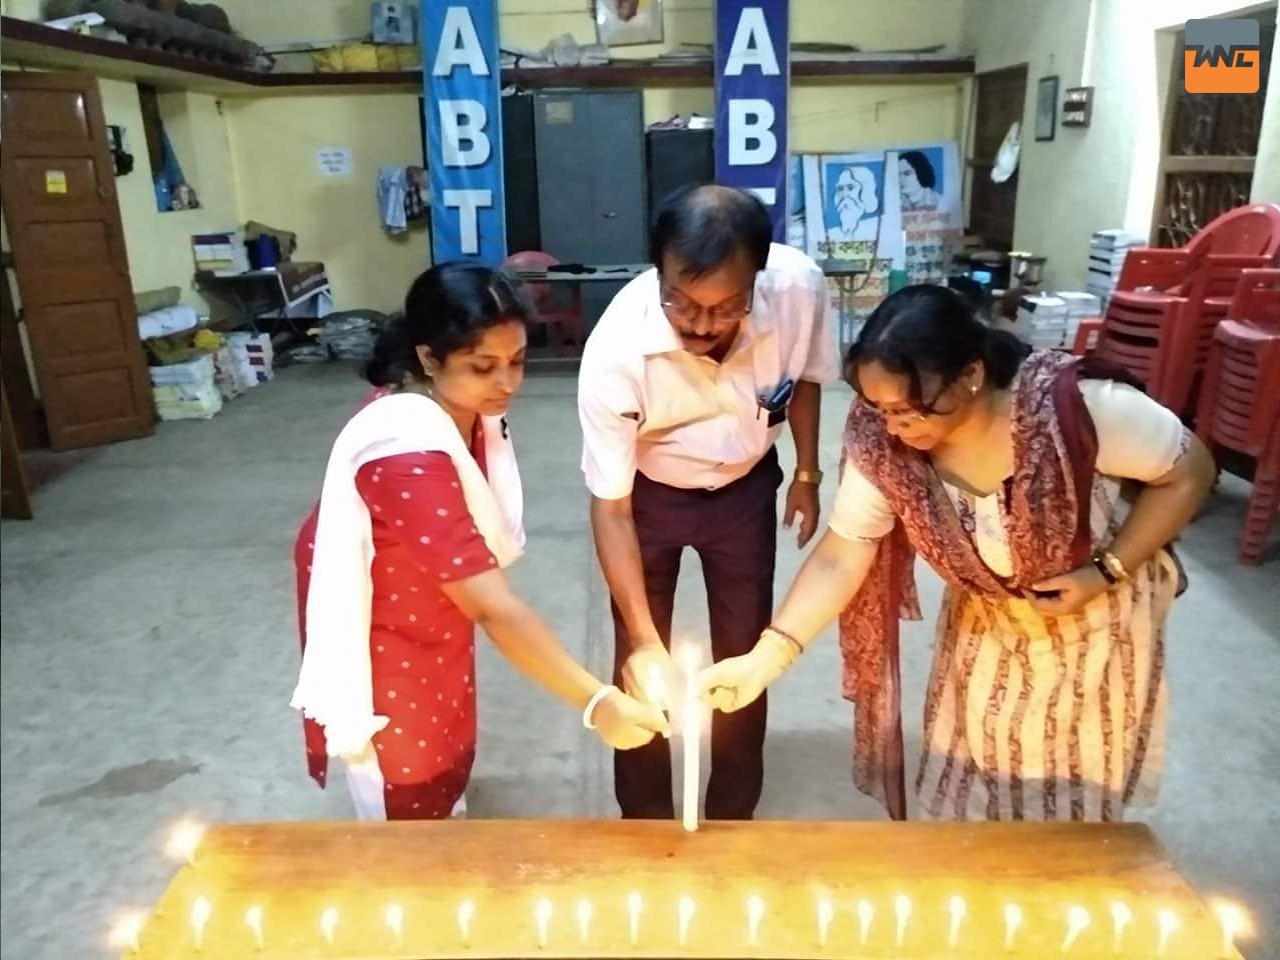 শিক্ষক রাজকুমার রায়ের মৃত্যুতে রাজ্যব্যাপী এবিটিএ'র প্রতিবাদ কর্মসূচি